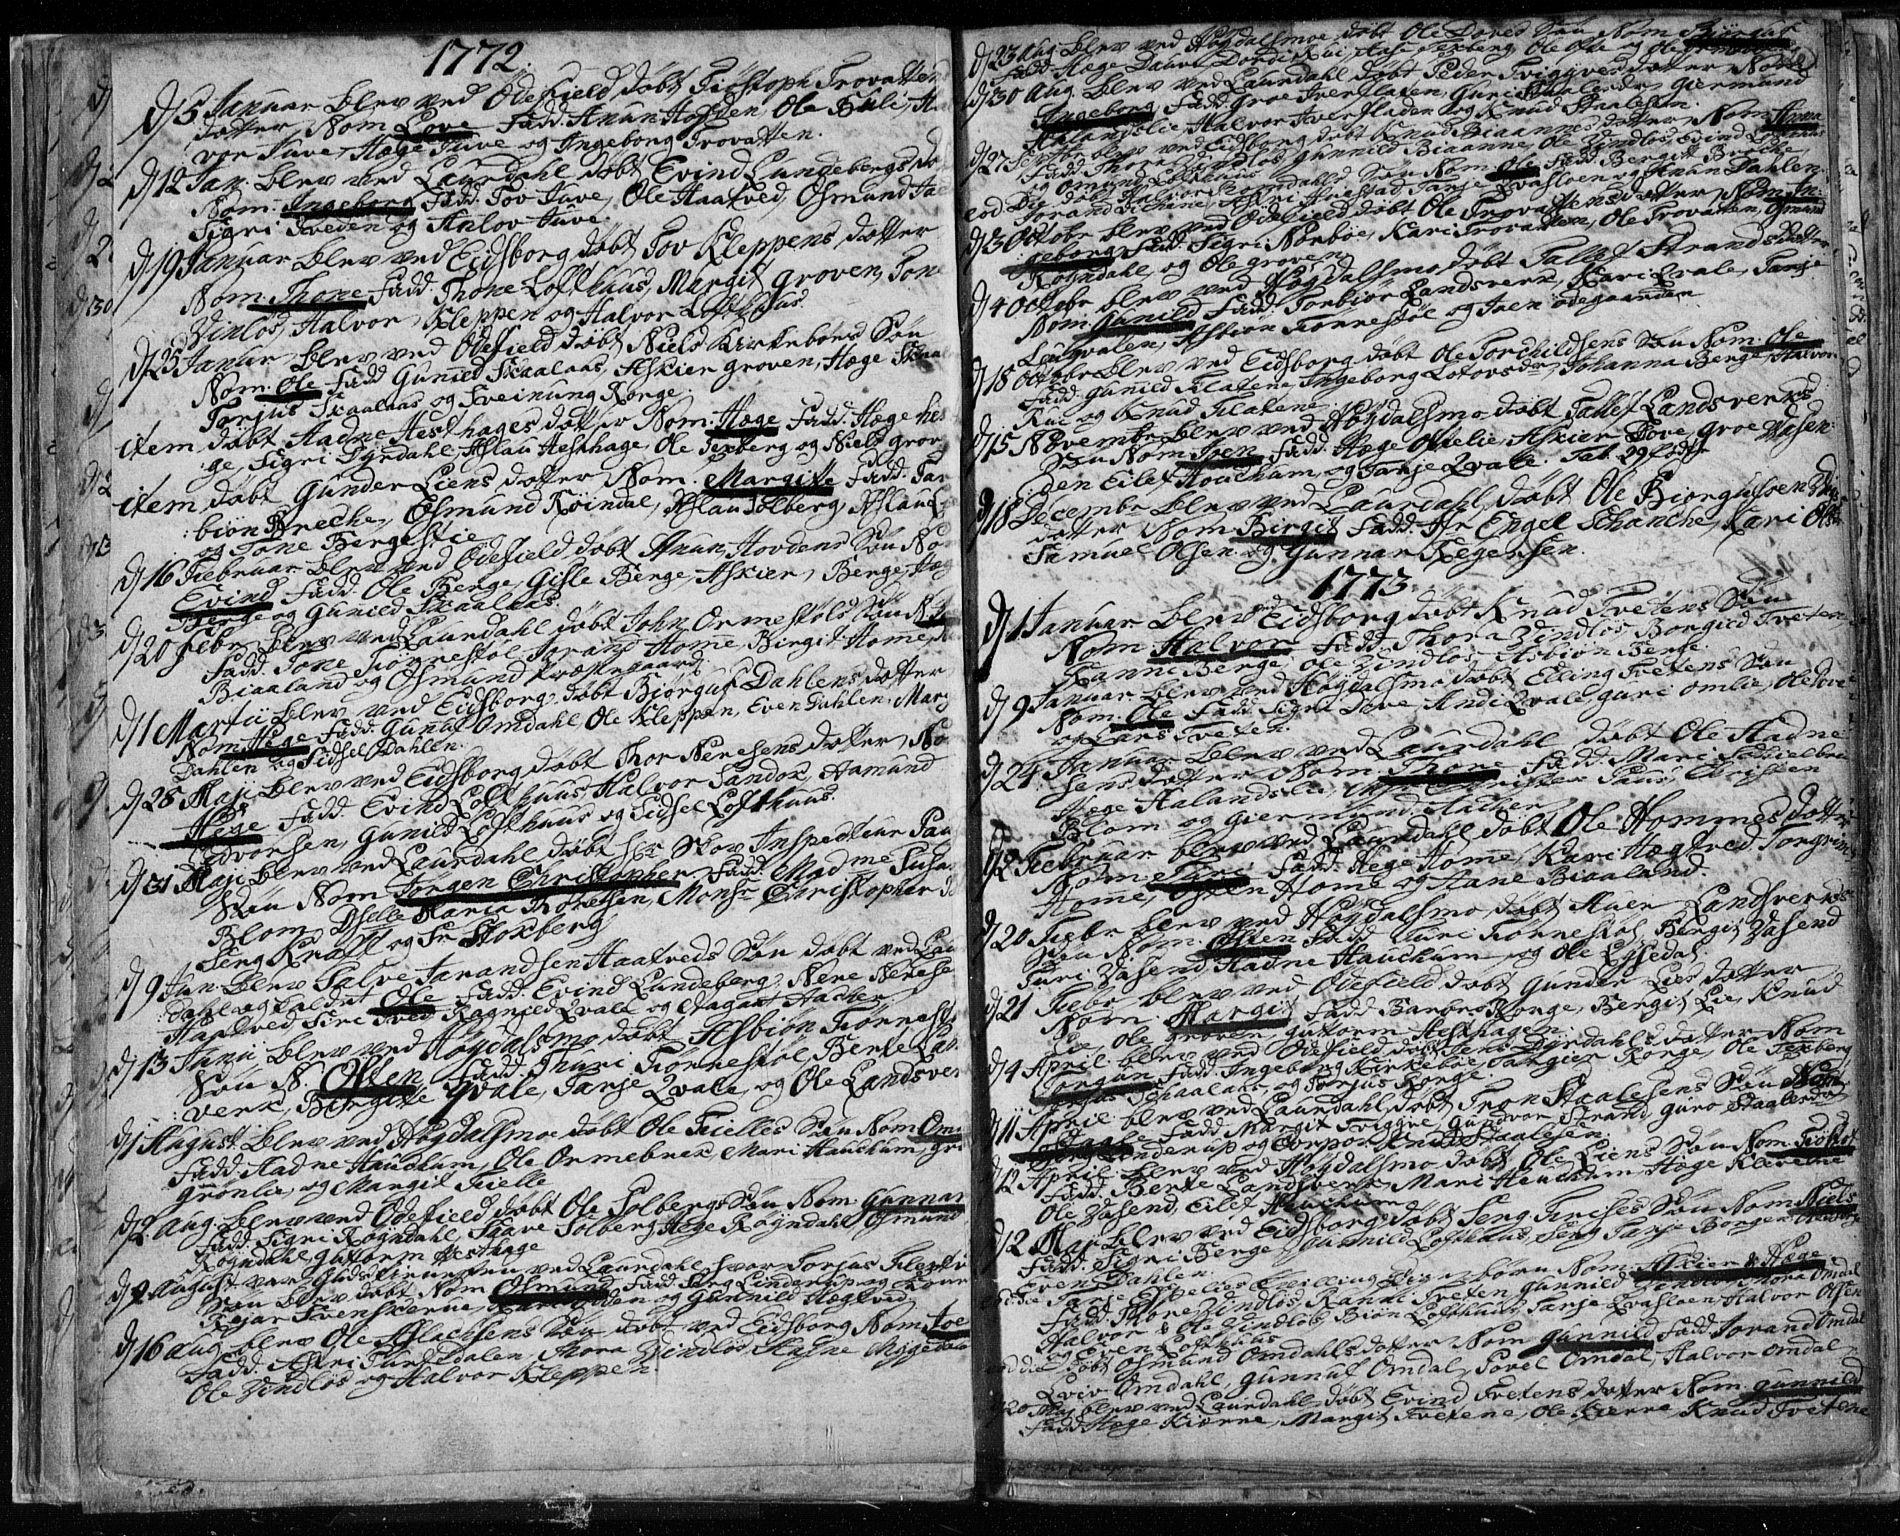 SAKO, Lårdal kirkebøker, F/Fa/L0003: Ministerialbok nr. I 3, 1754-1790, s. 20